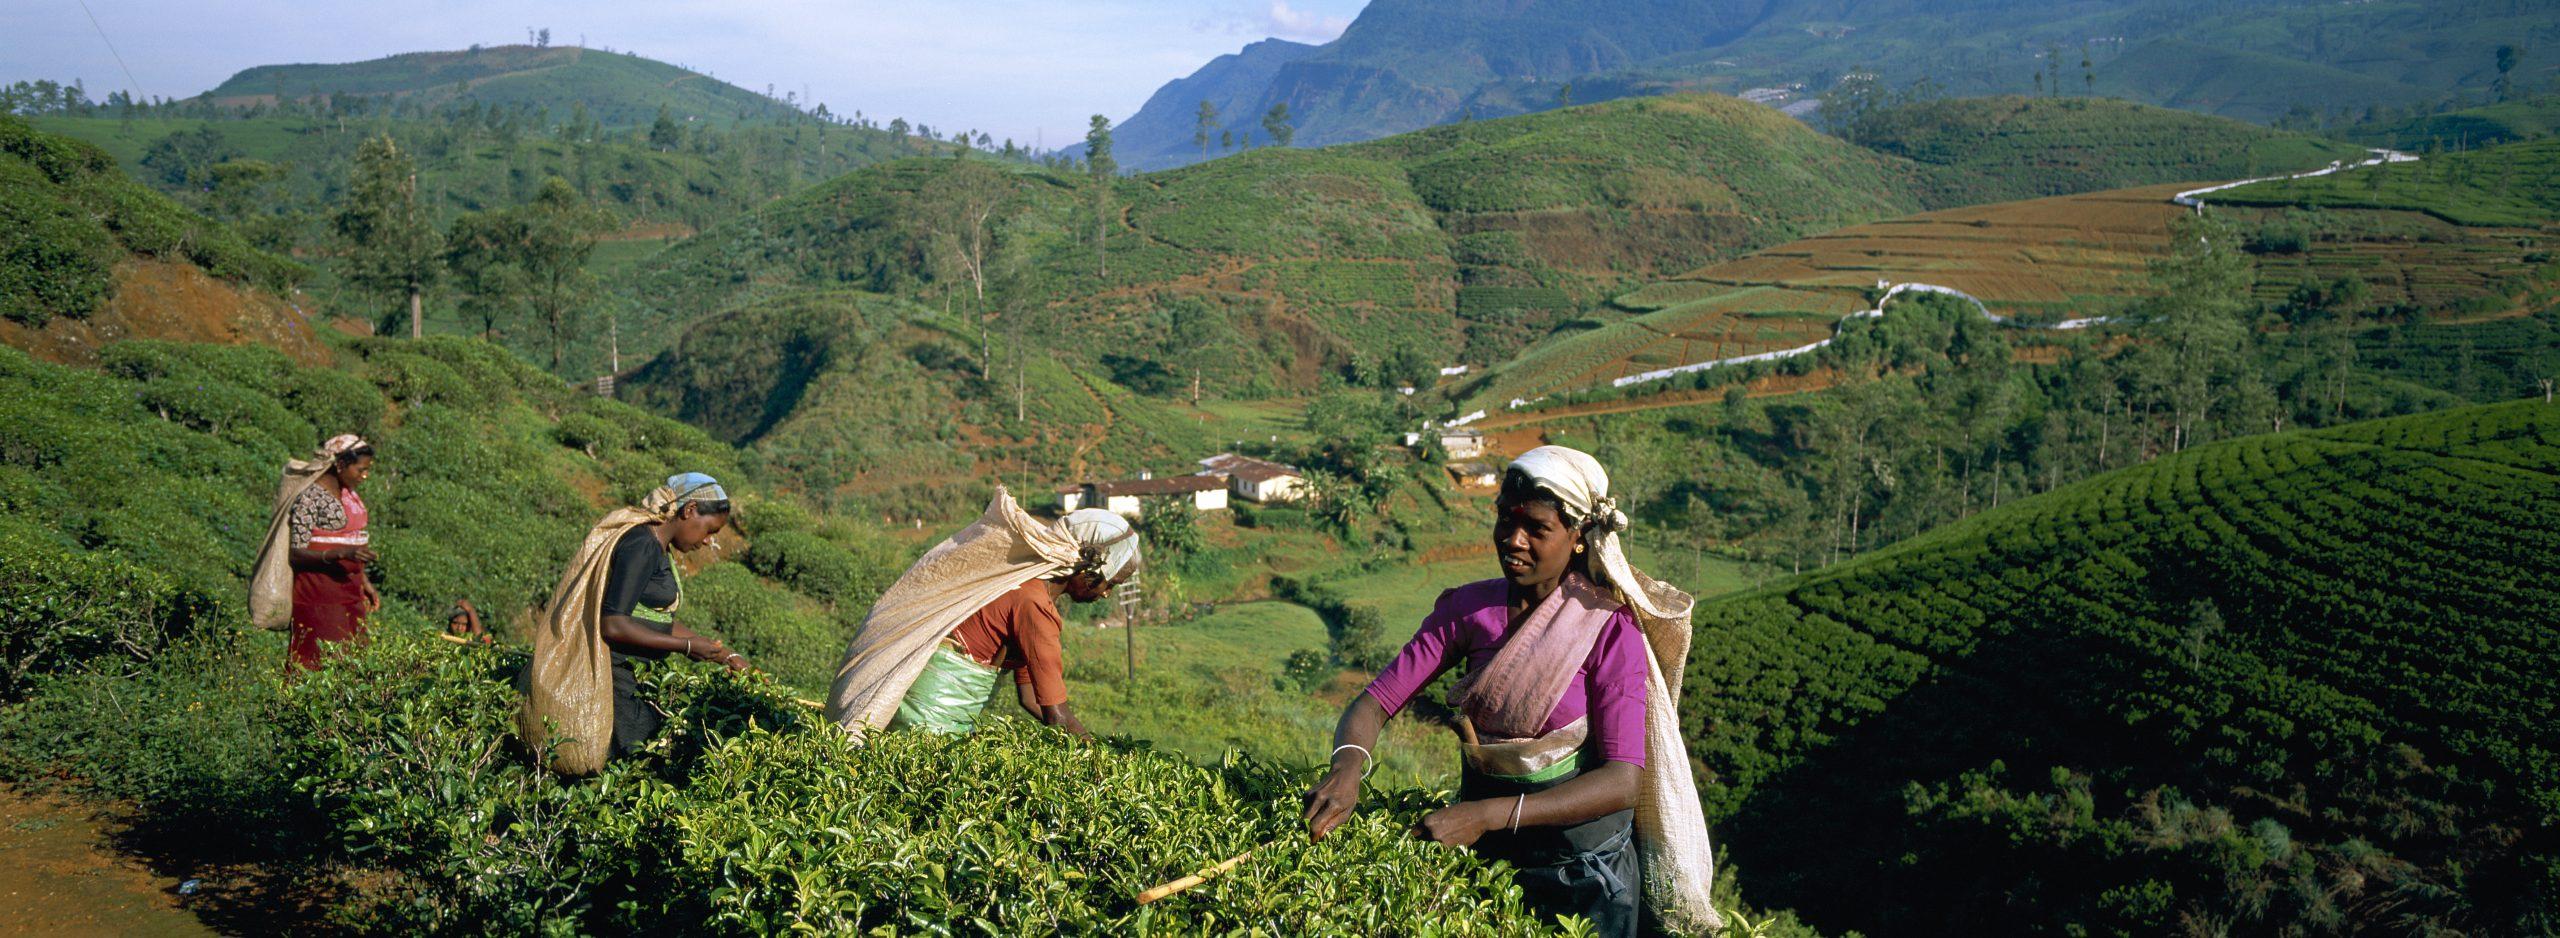 Tea harvest - Tea collect - Nuwara Eliya - Sri Lanka